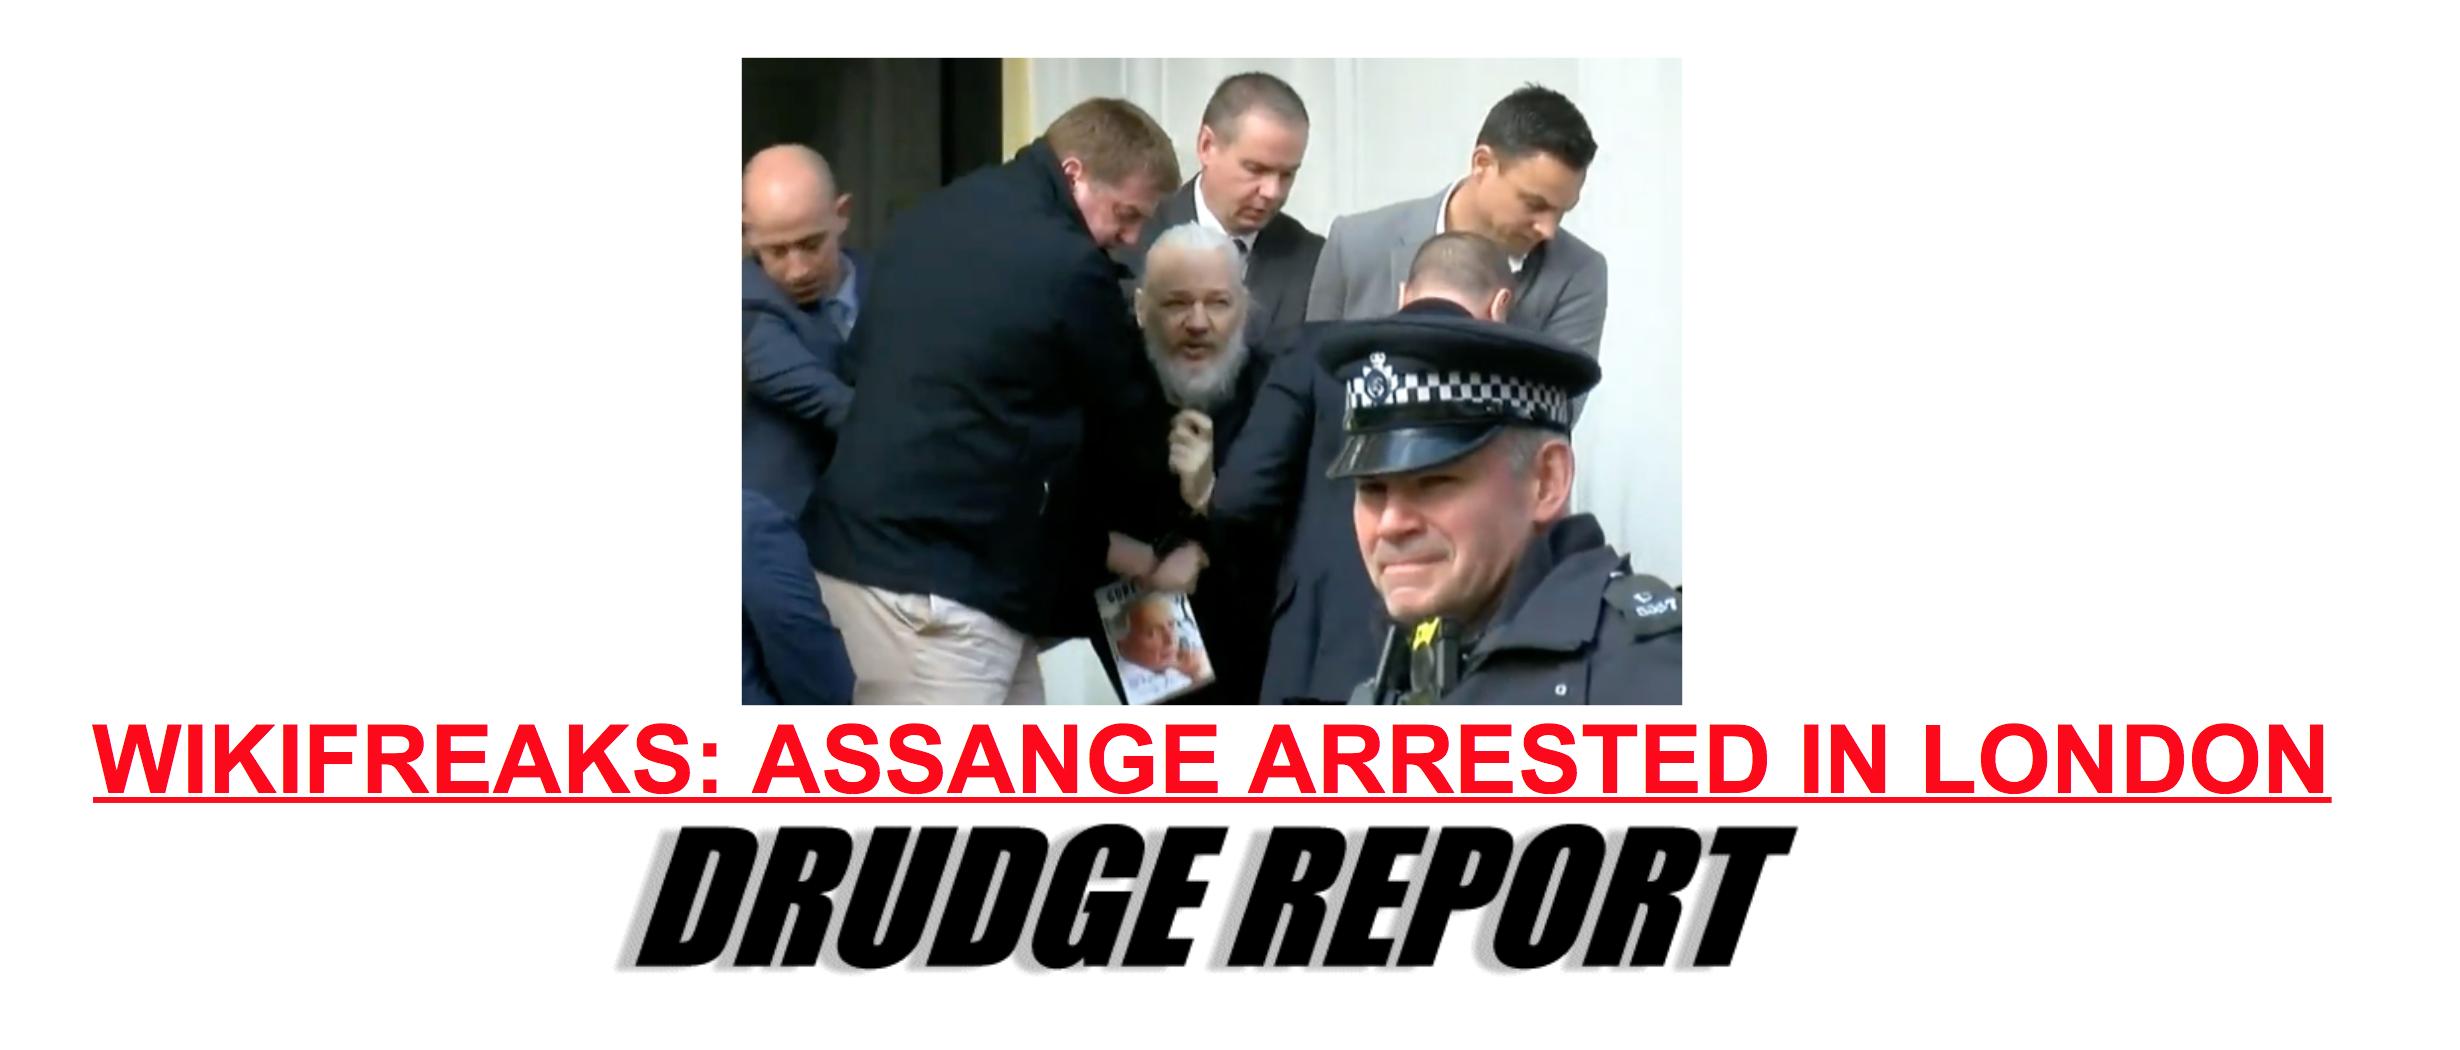 Drudge Report  headline: Wikifreaks: Assange Arrested in London